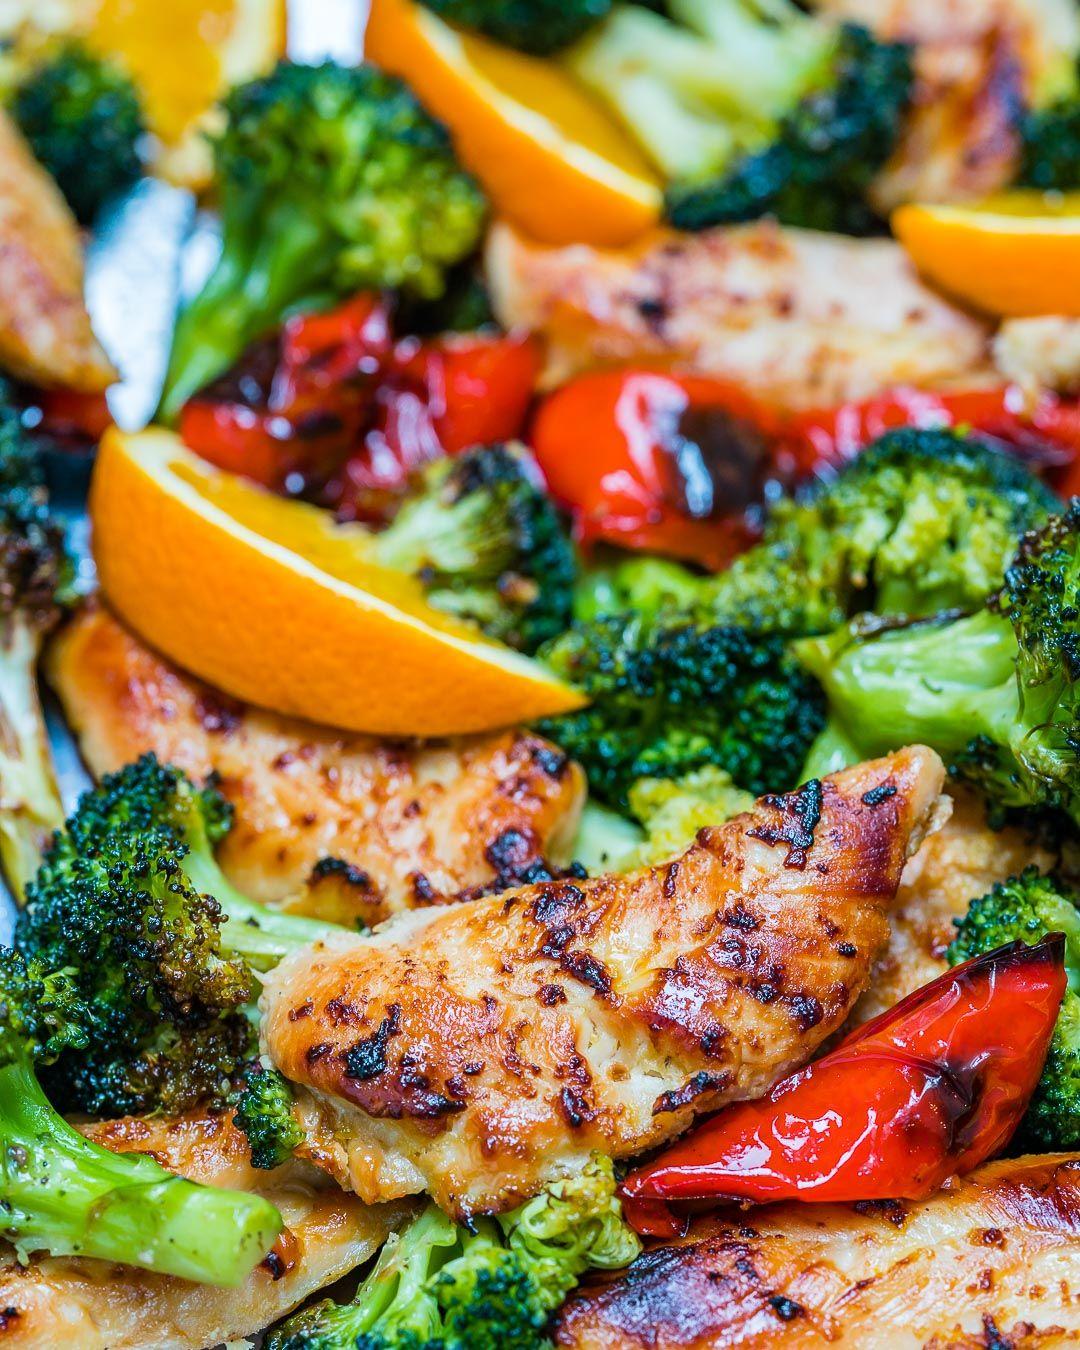 99 Chicken Dinner Ideas To Try Tonight: Sheet Pan Orange + Ginger Chicken